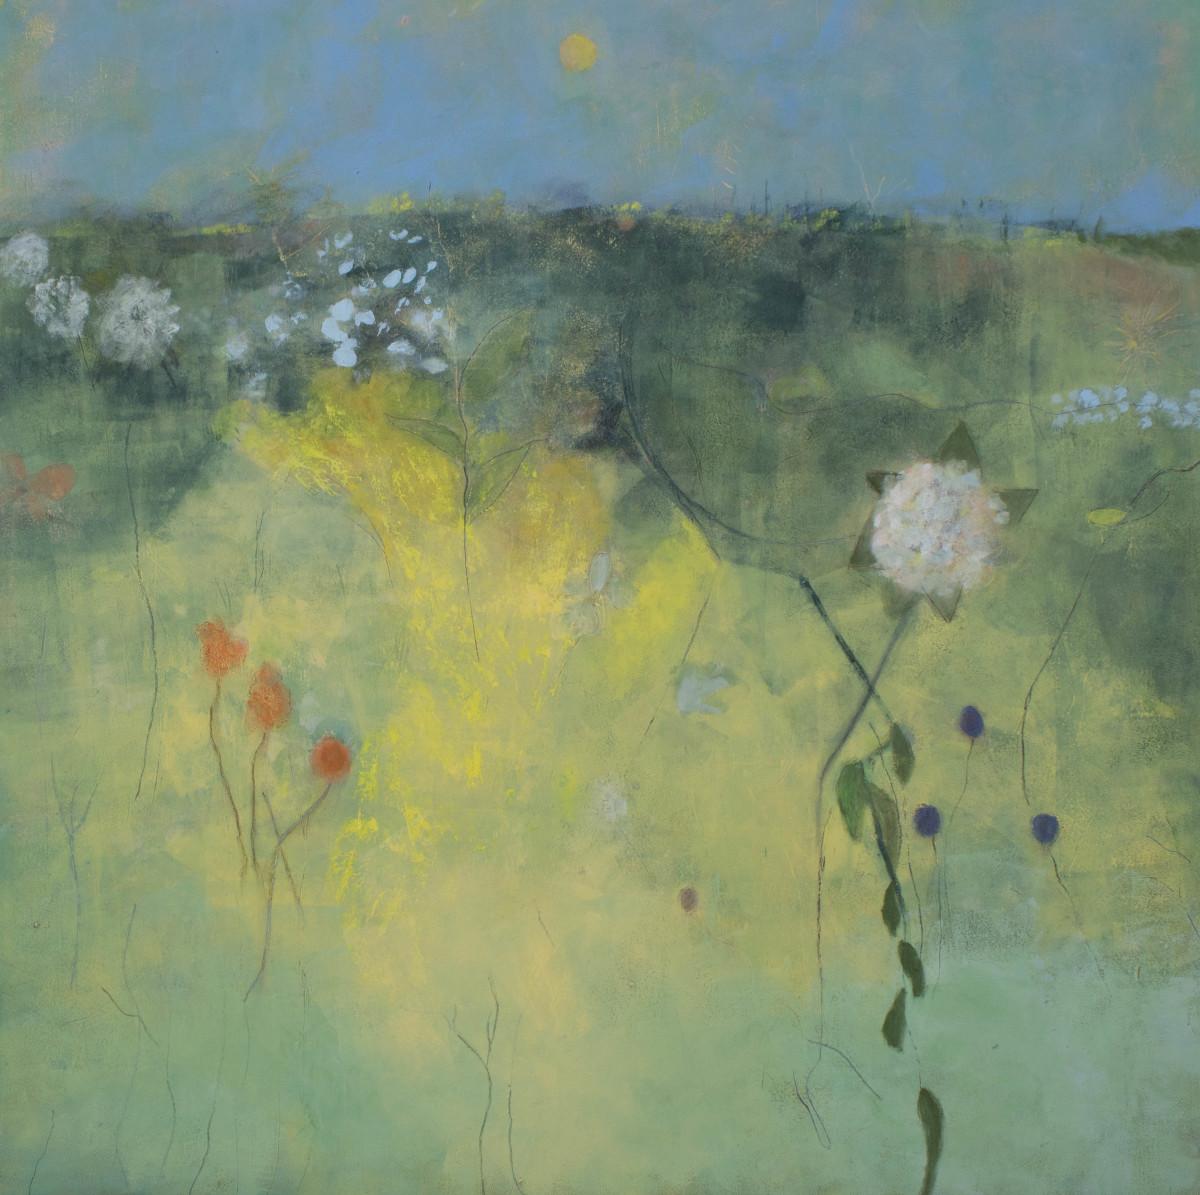 Lush Life by Helen DeRamus